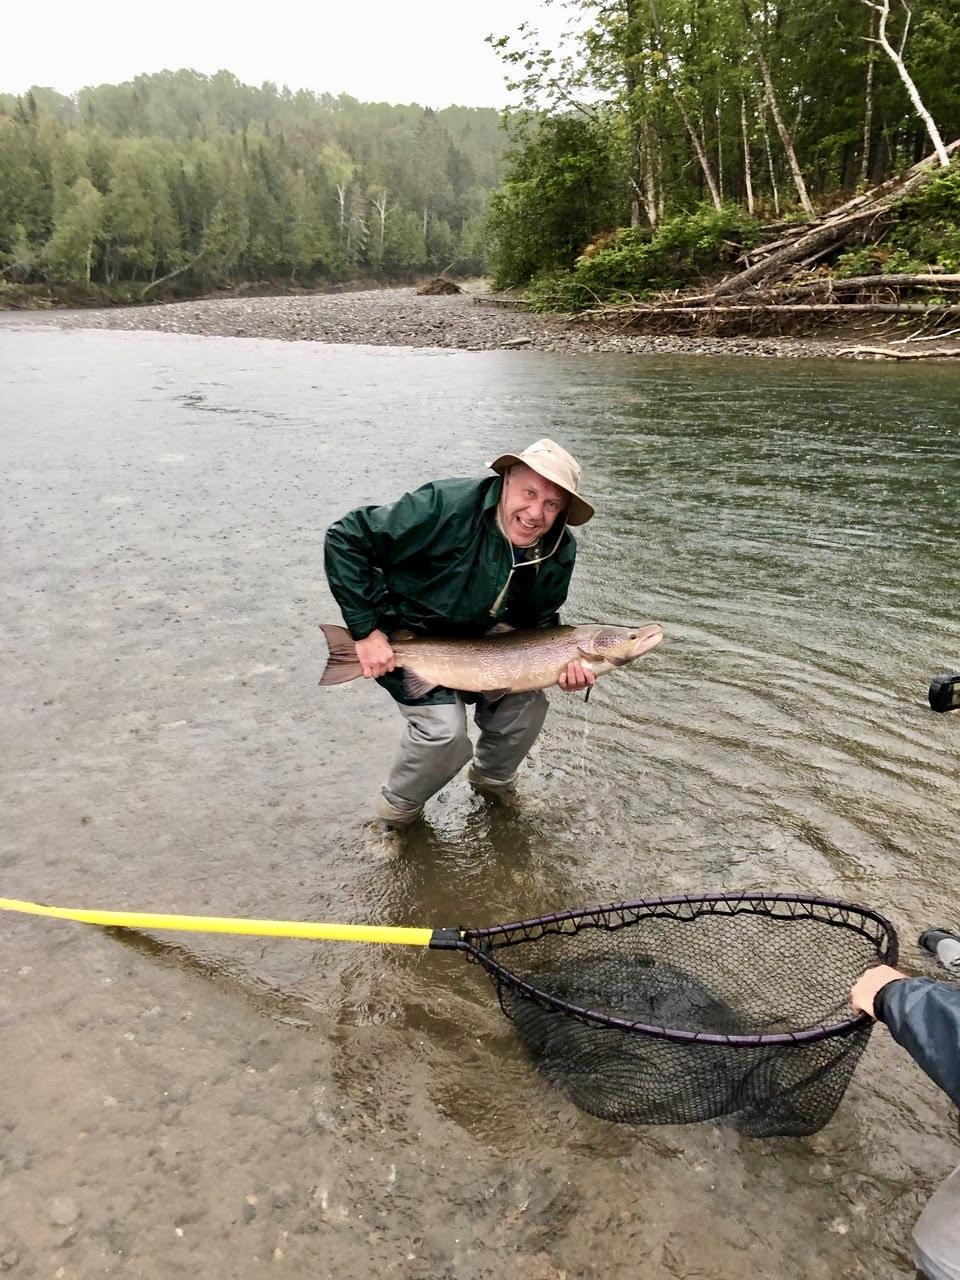 Cette année, nous avons eu le plaisir d'accueillir de nouveau Don Merrithew au Camp Bonaventure! On dirait que le saumon avait hâte de le revoir, lui aussi! Belle prise, Don!